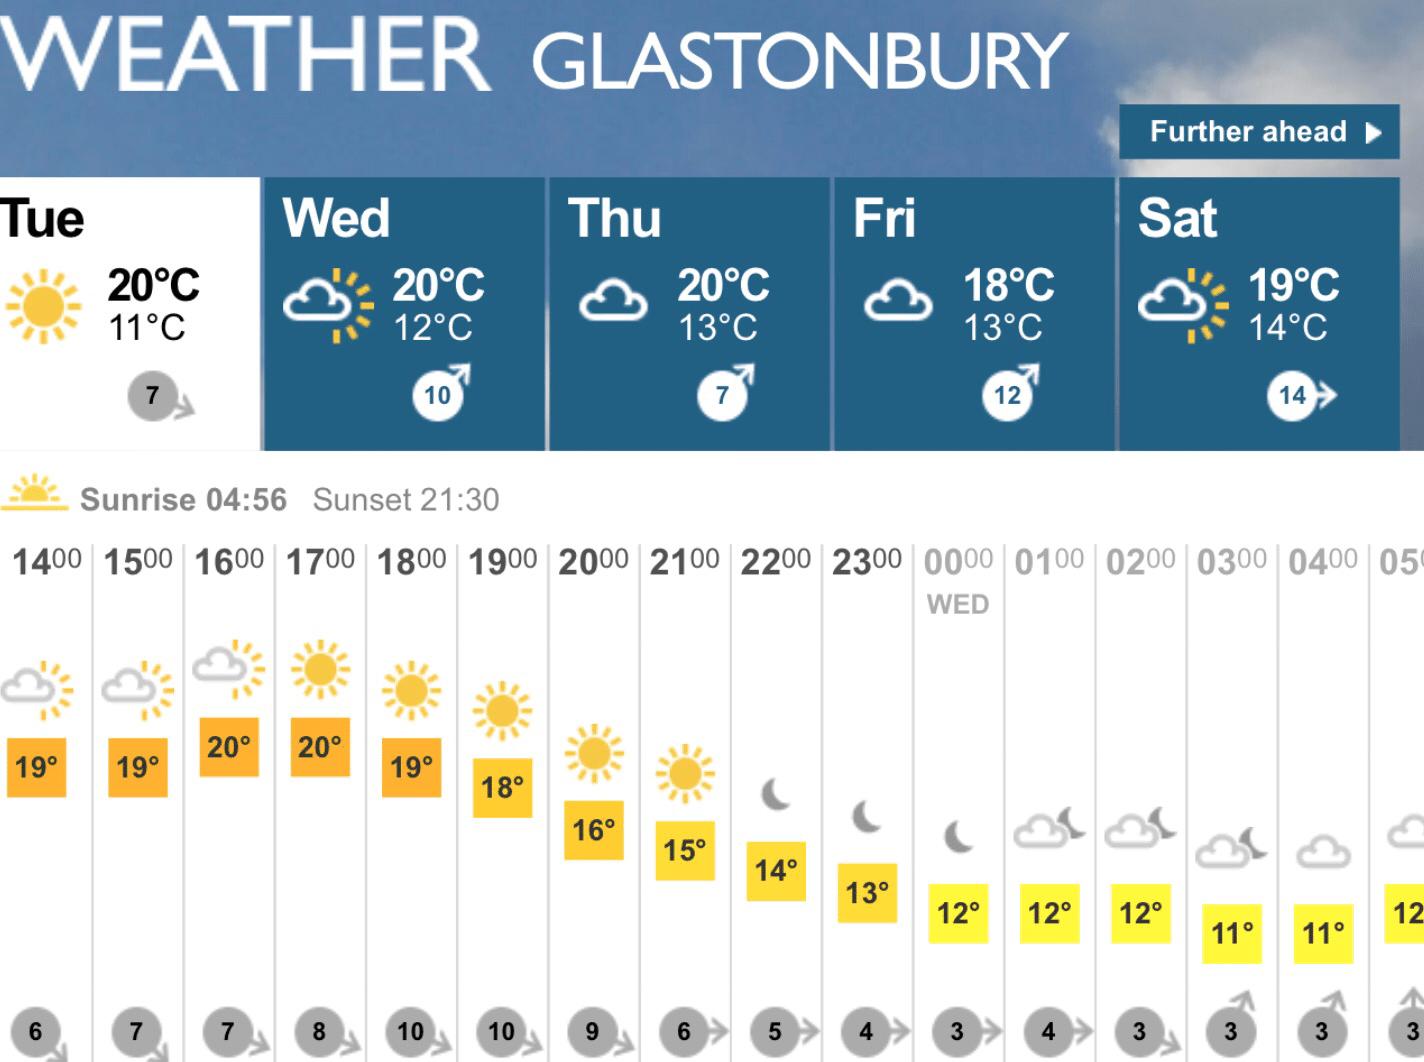 Good Golly, GLASTONBURY!